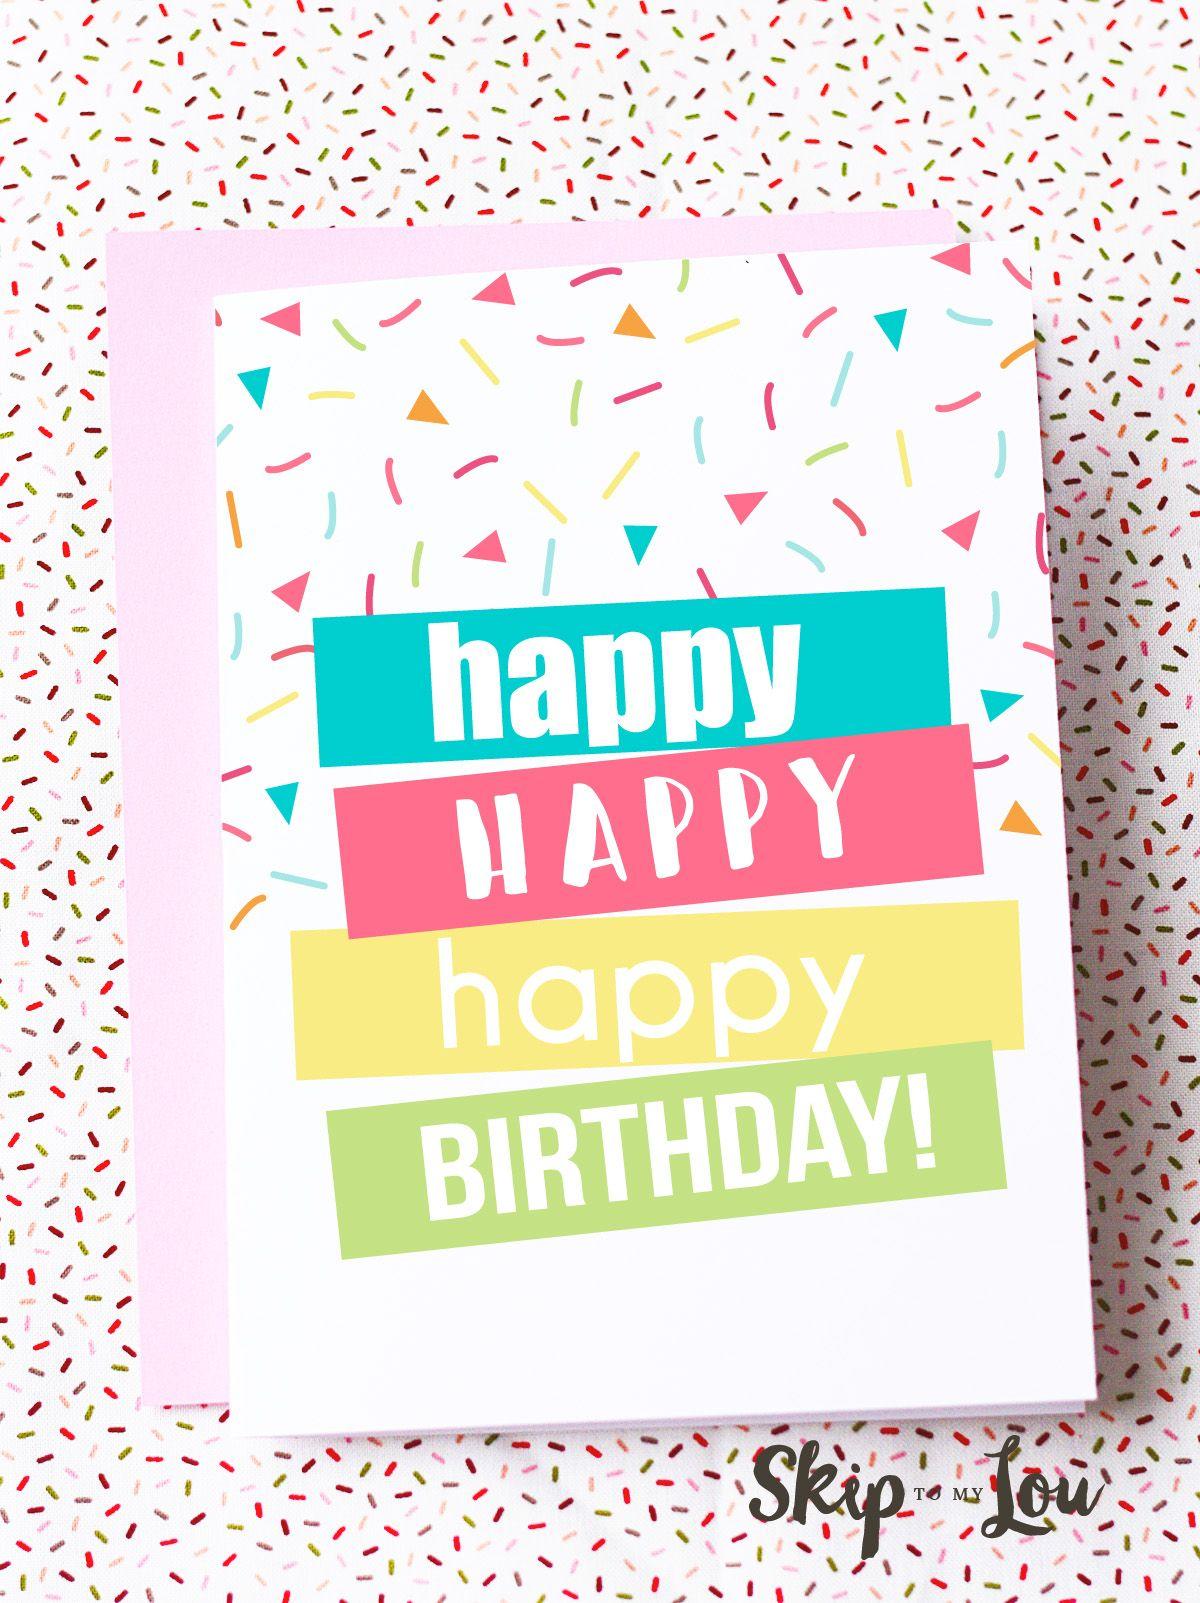 Printable Birthday Cards | Getting Crafty & Diy | Cards, Birthday - Free Printable Birthday Cards For Wife